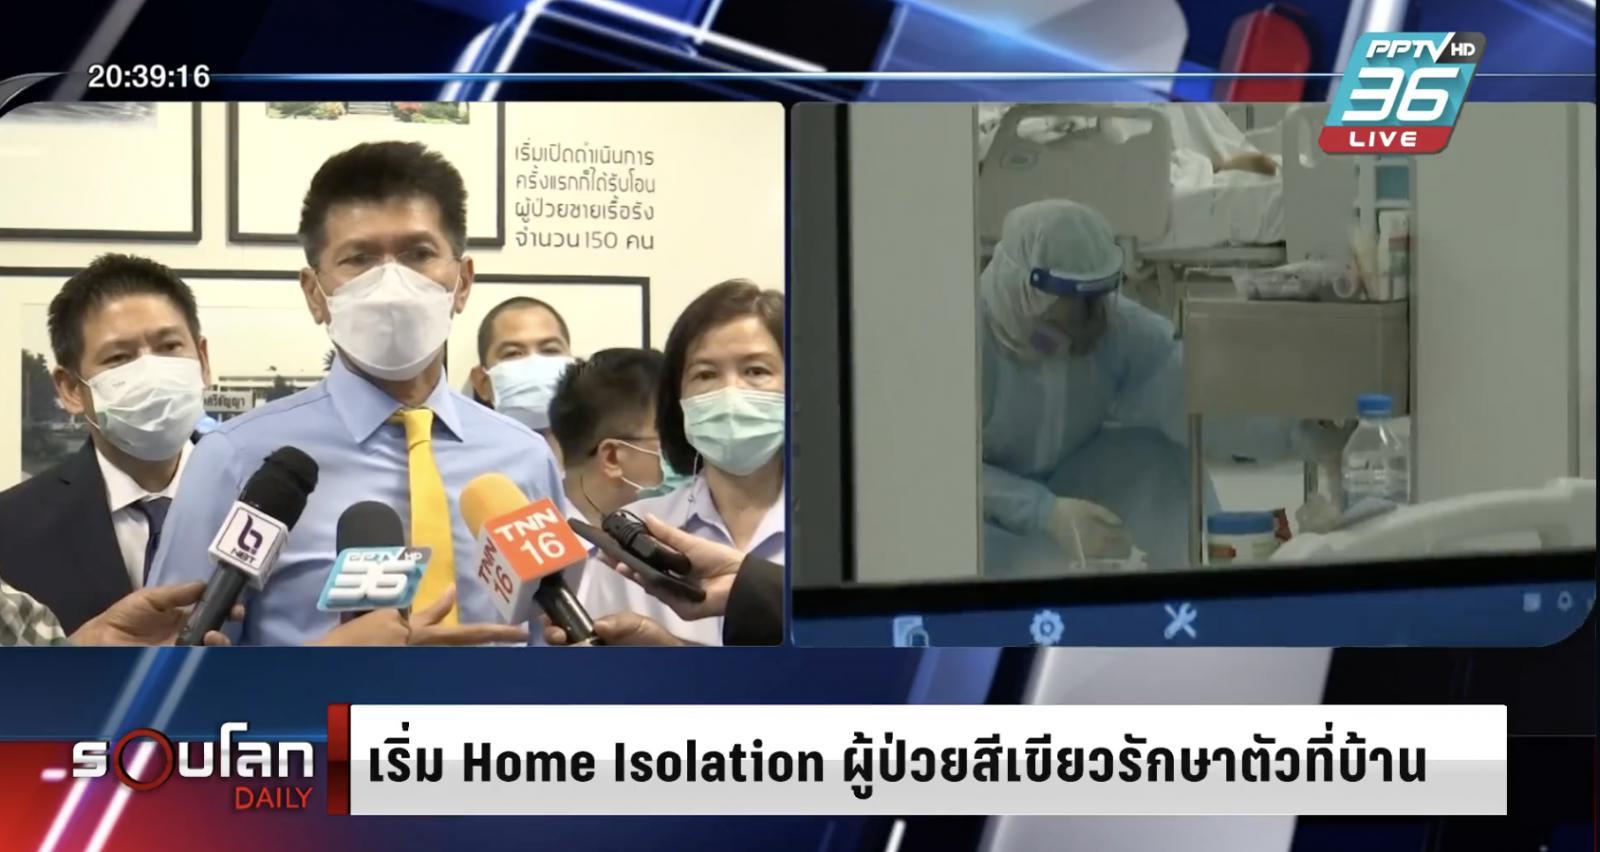 เริ่ม Home Isolation ผู้ป่วยสีเขียวรักษาตัวที่บ้าน